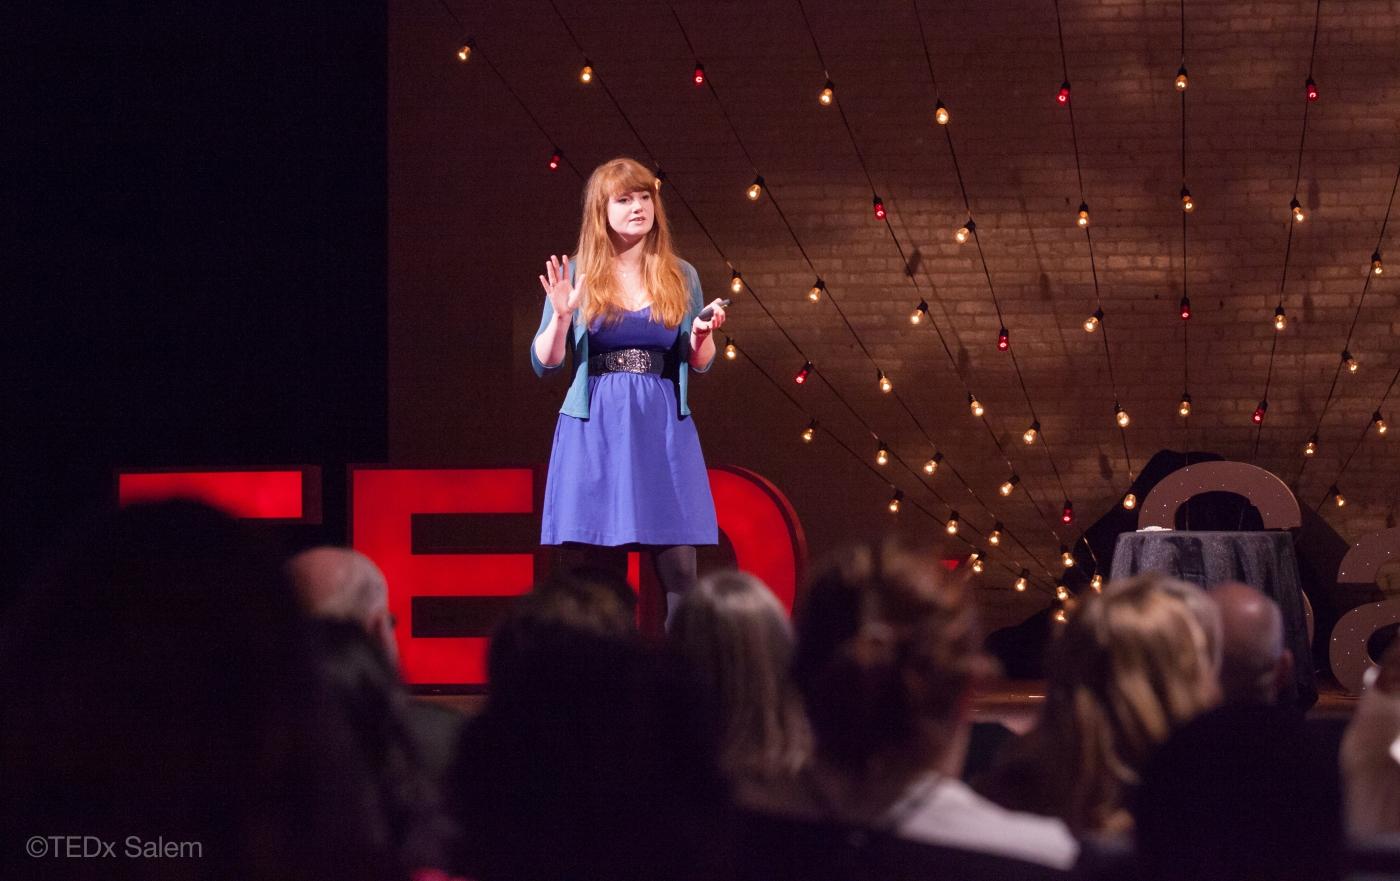 Evento TEDx para mujeres en Madrid